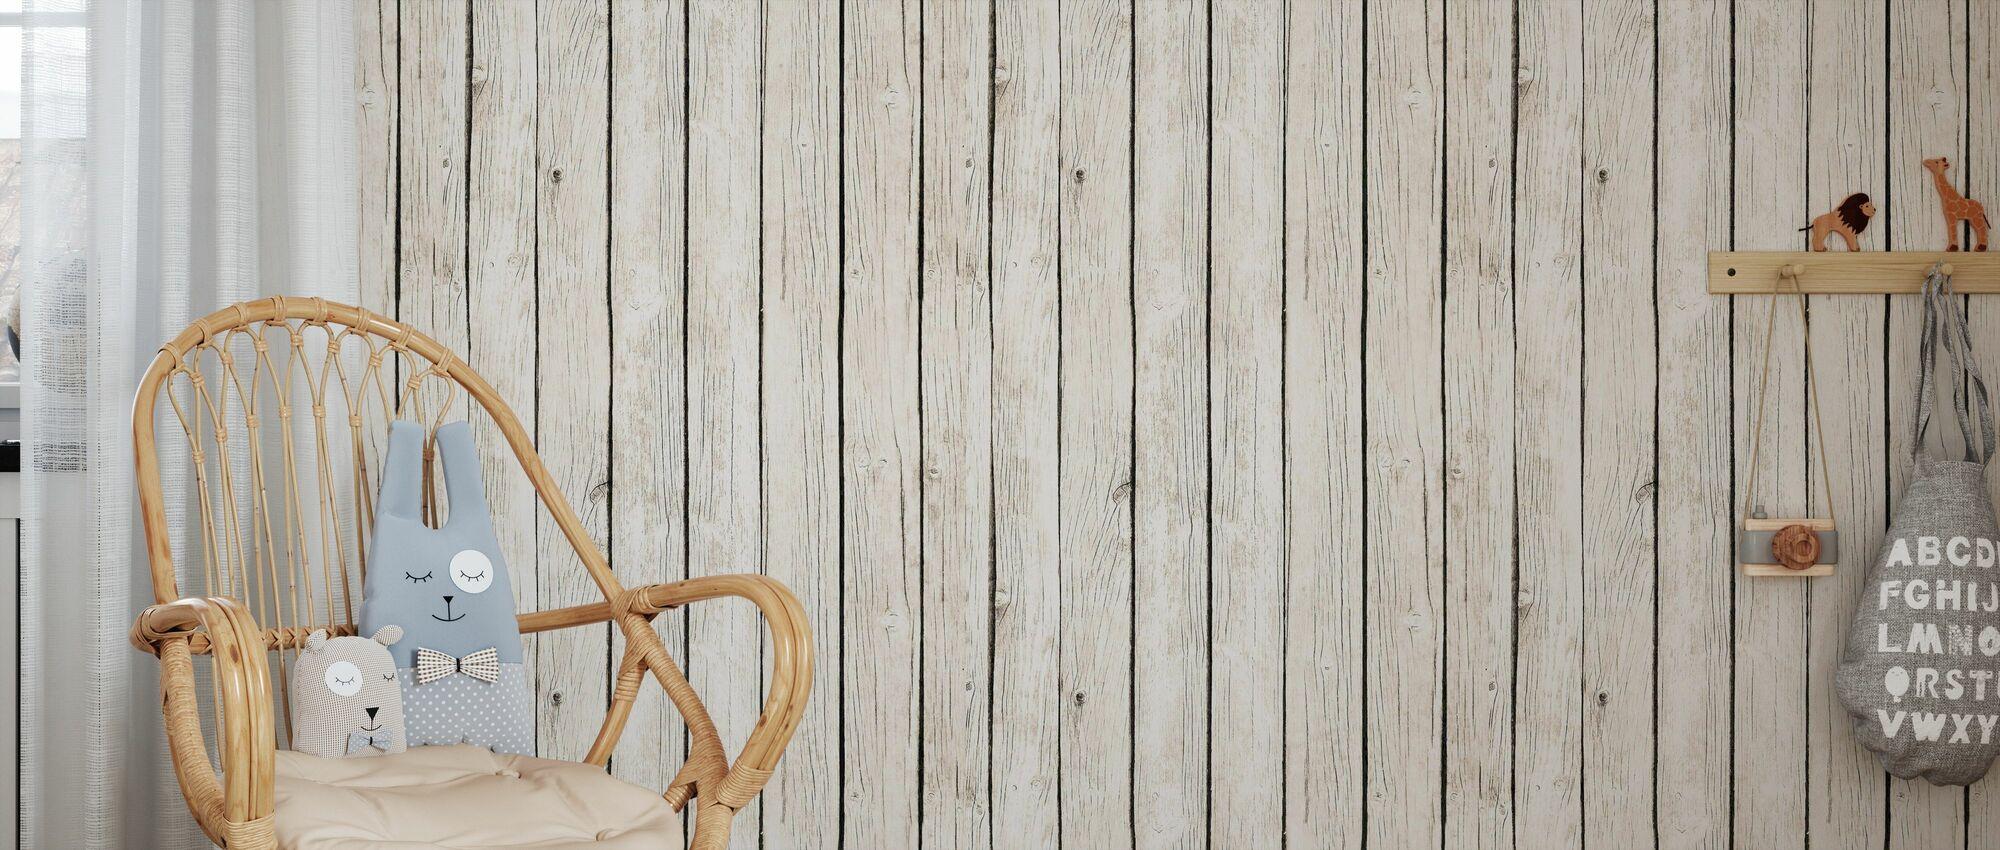 Board Wall - Wallpaper - Kids Room